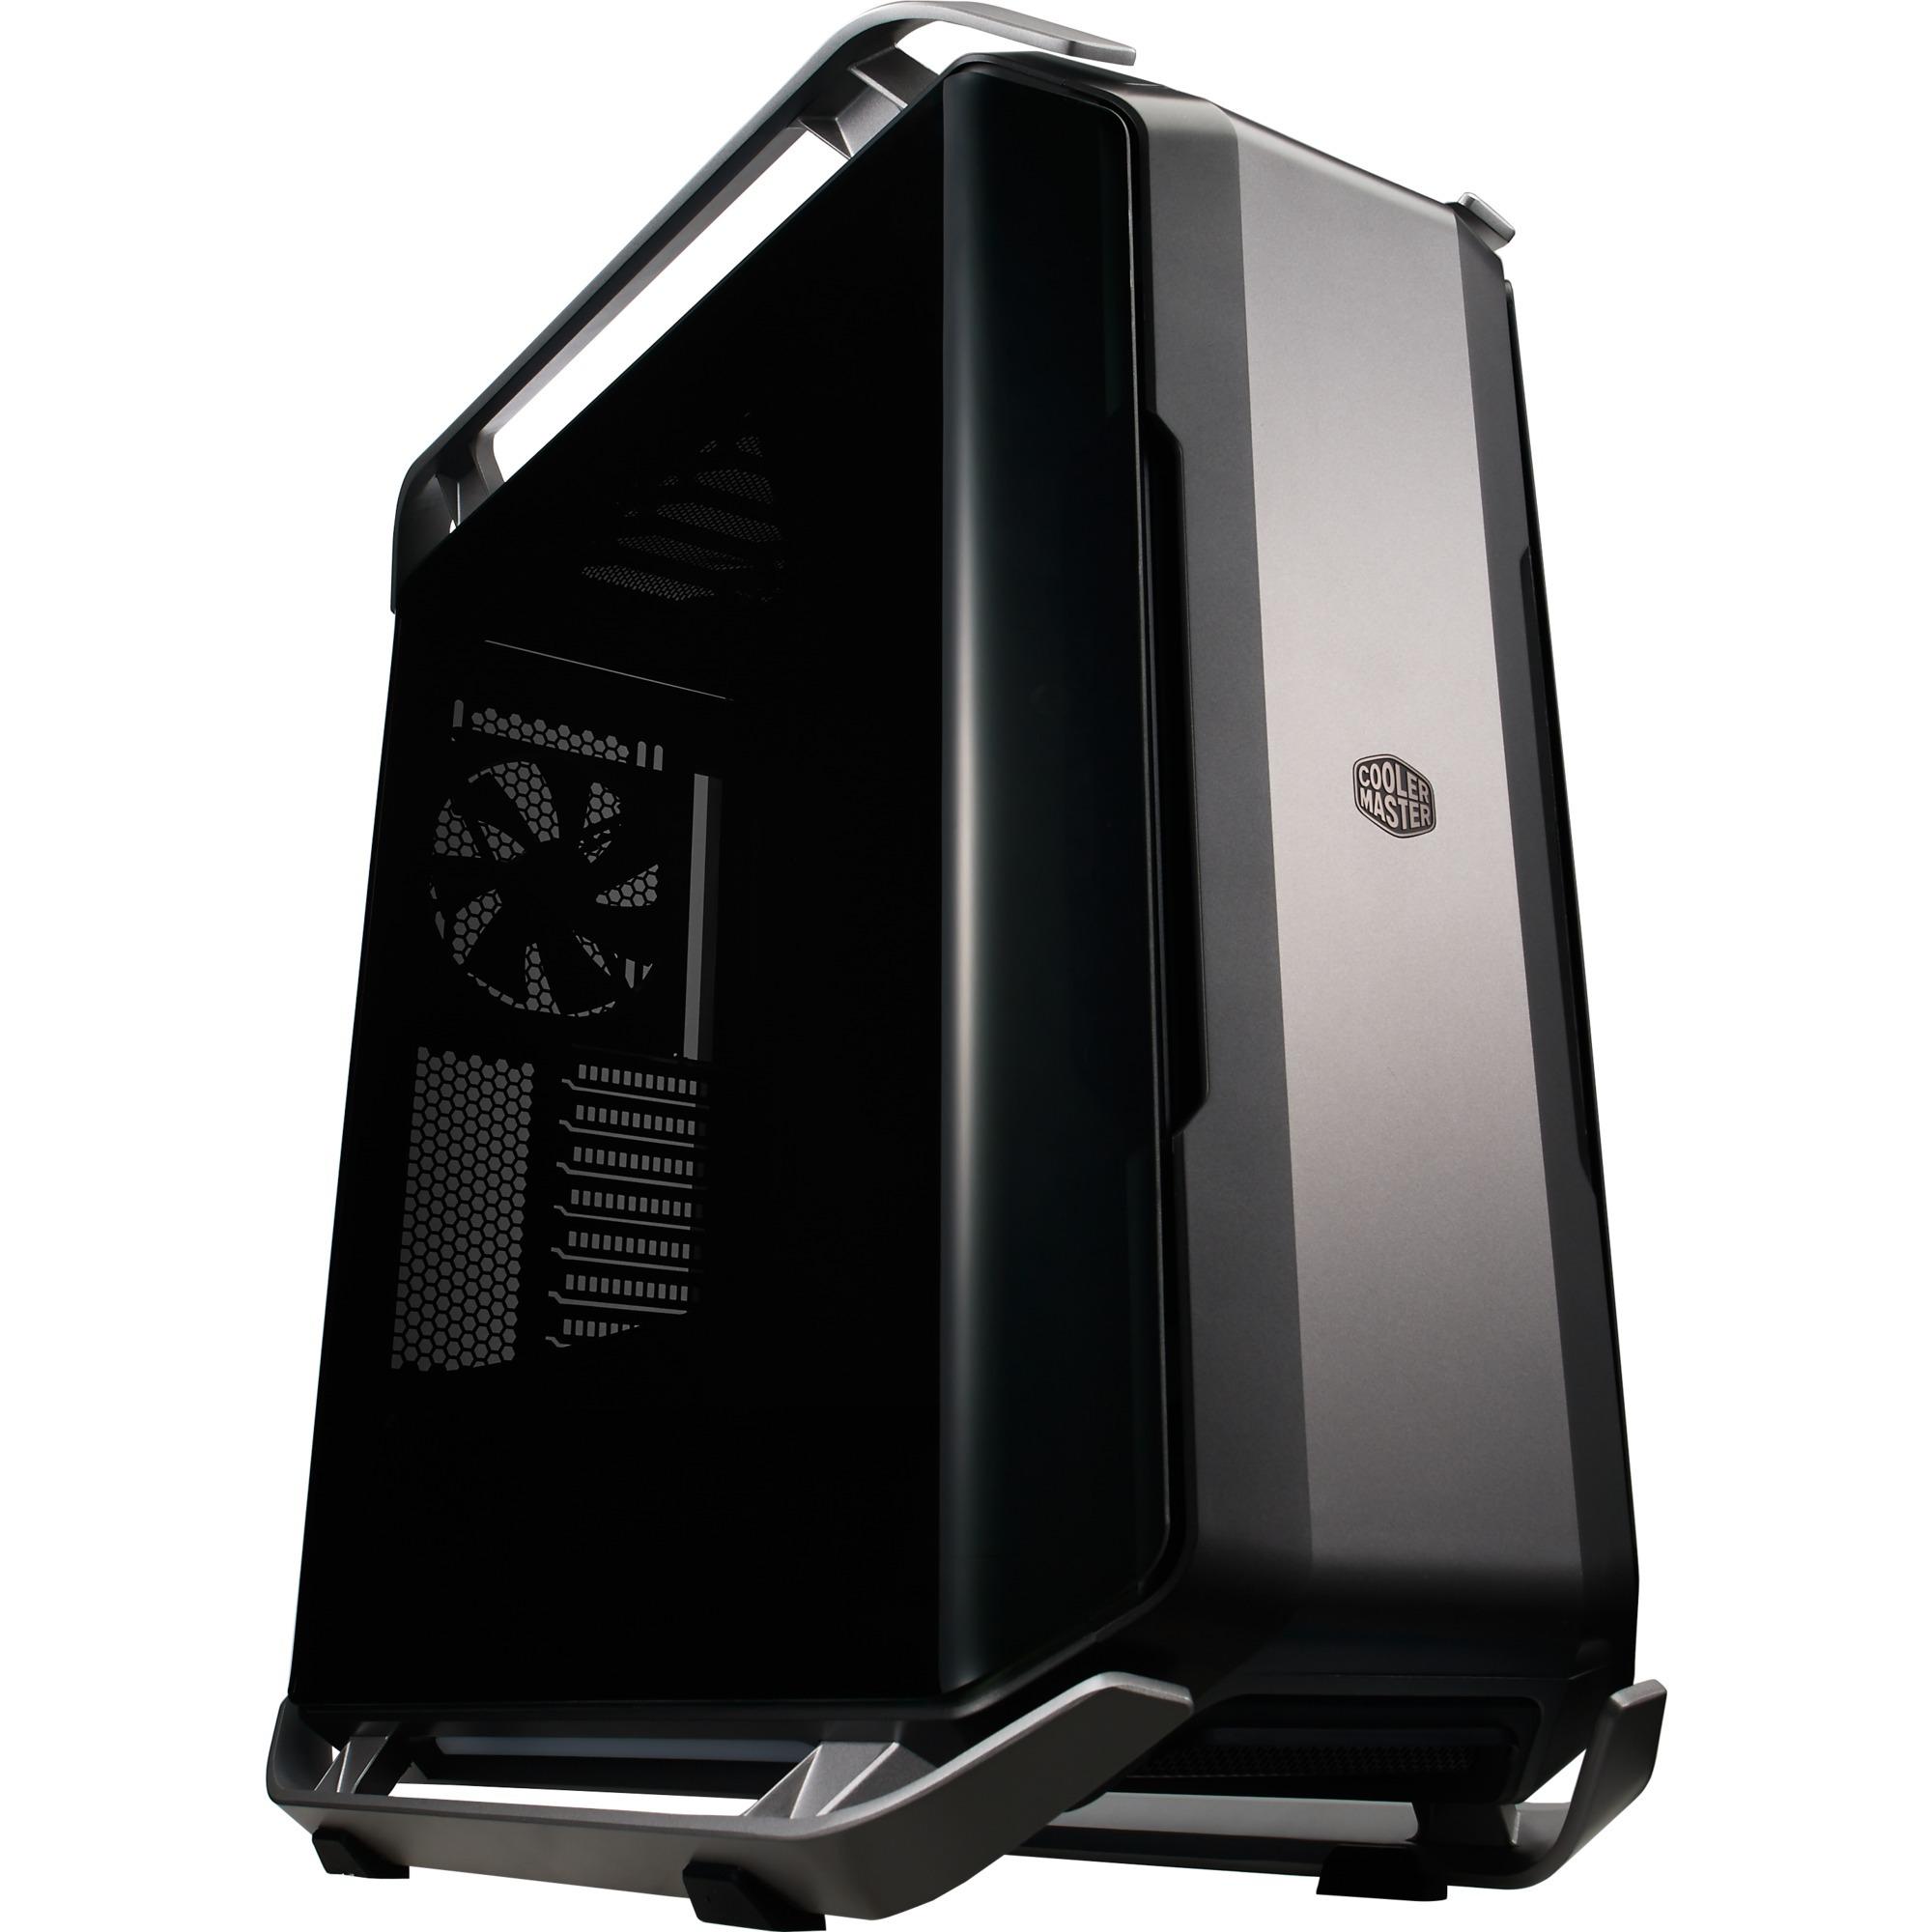 Cosmos C700P carcasa de ordenador Full-Tower Negro, Metálico, Cajas de torre